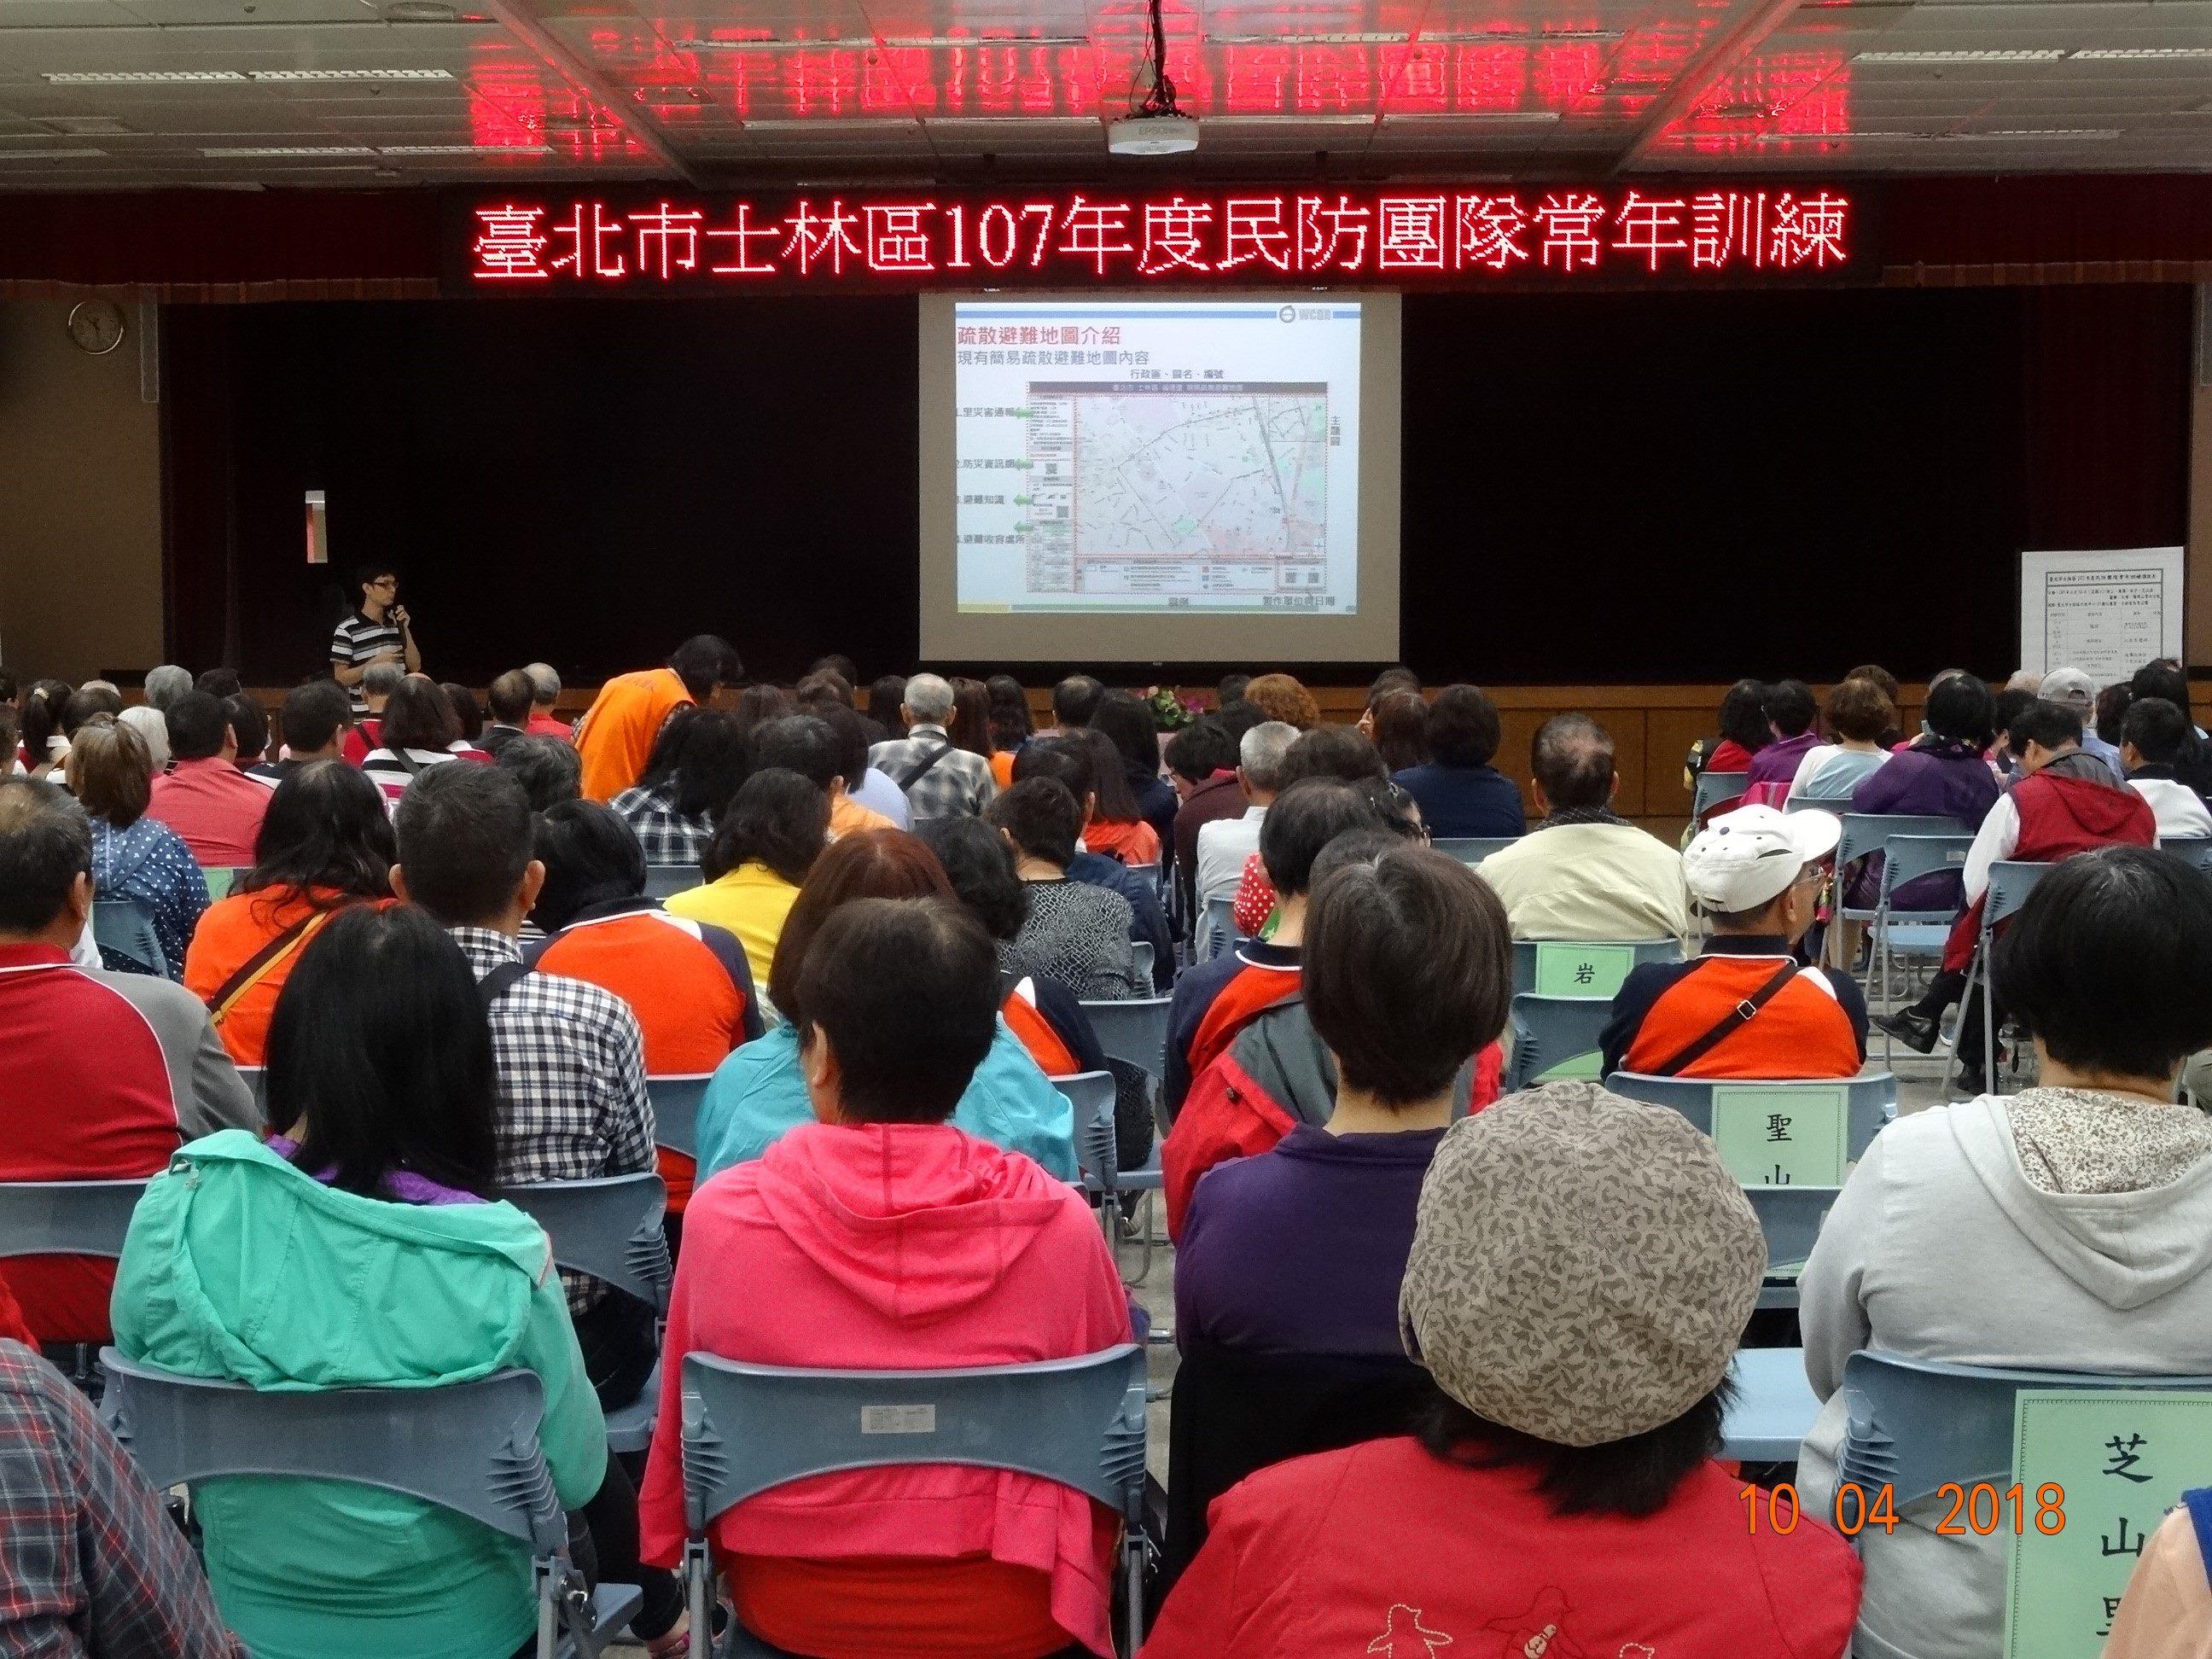 李佳晏講師講授「簡易疏散避難地圖製作」。